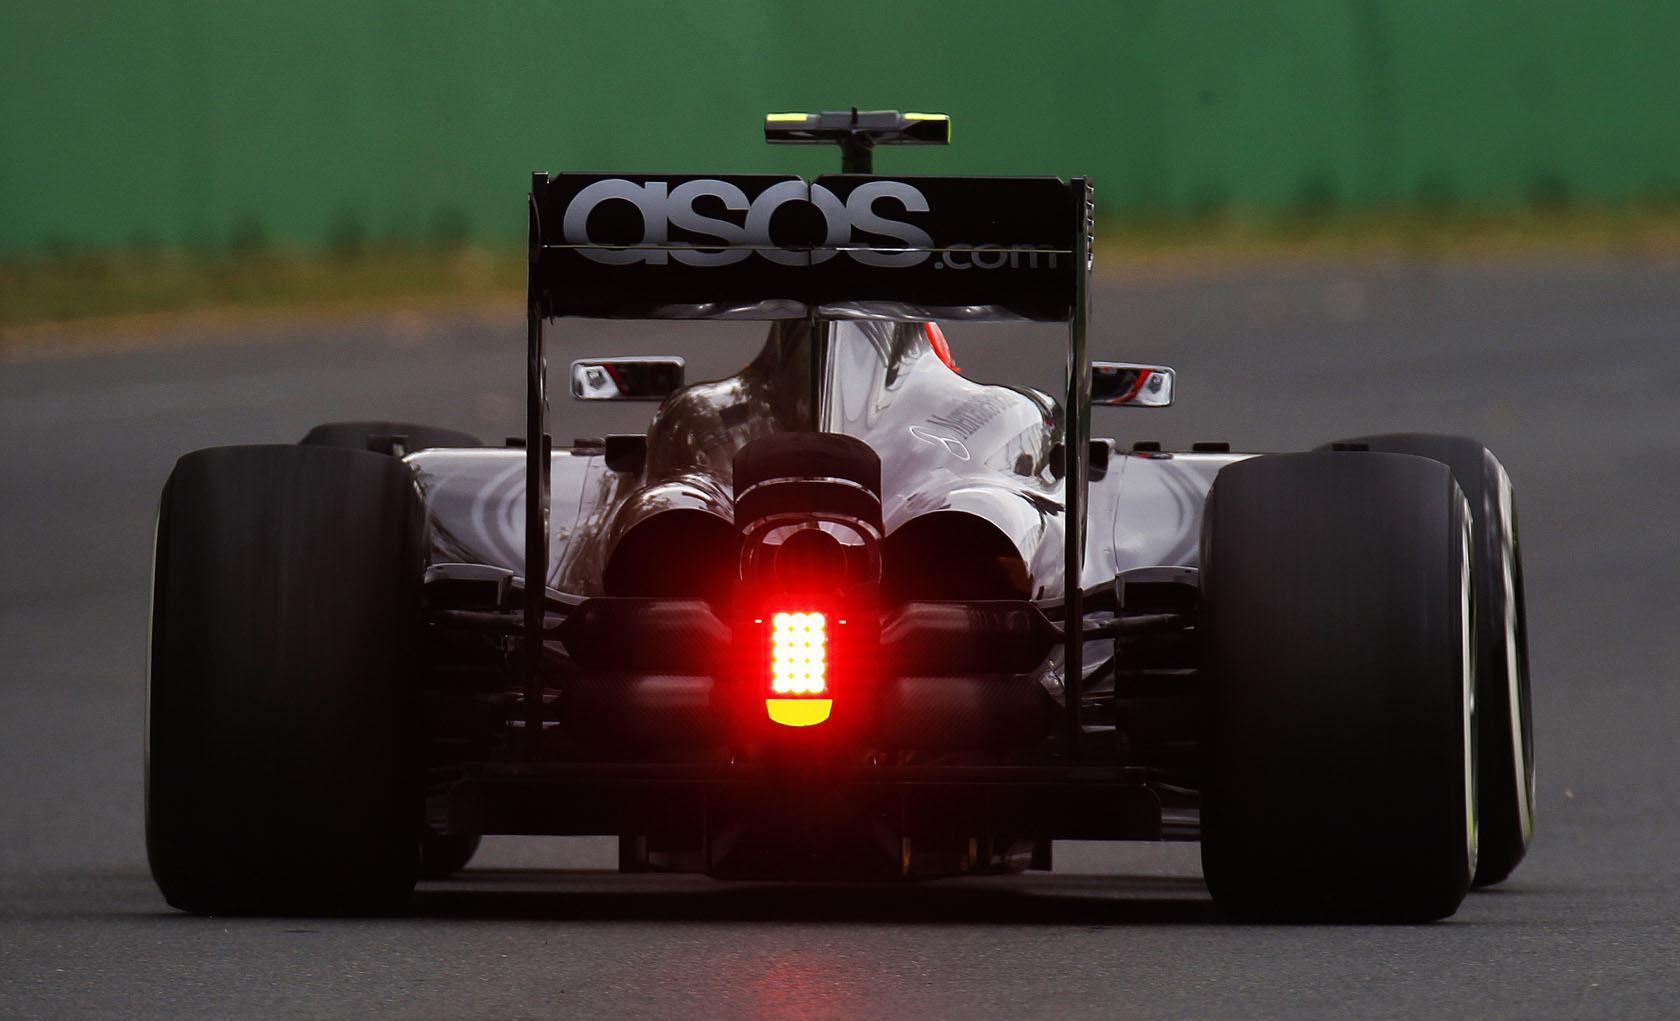 Ilyen, amikor betolnak egy 2014-es F1-es autót: Sokáig nem jutott Magnussen